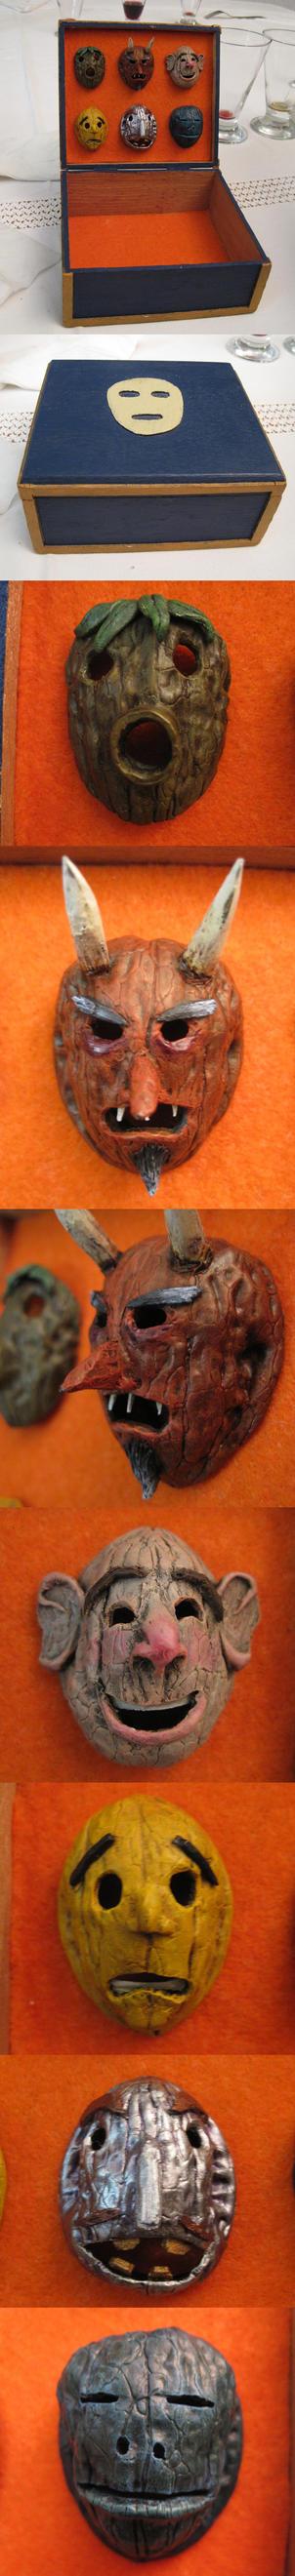 The masks box by Zofeno